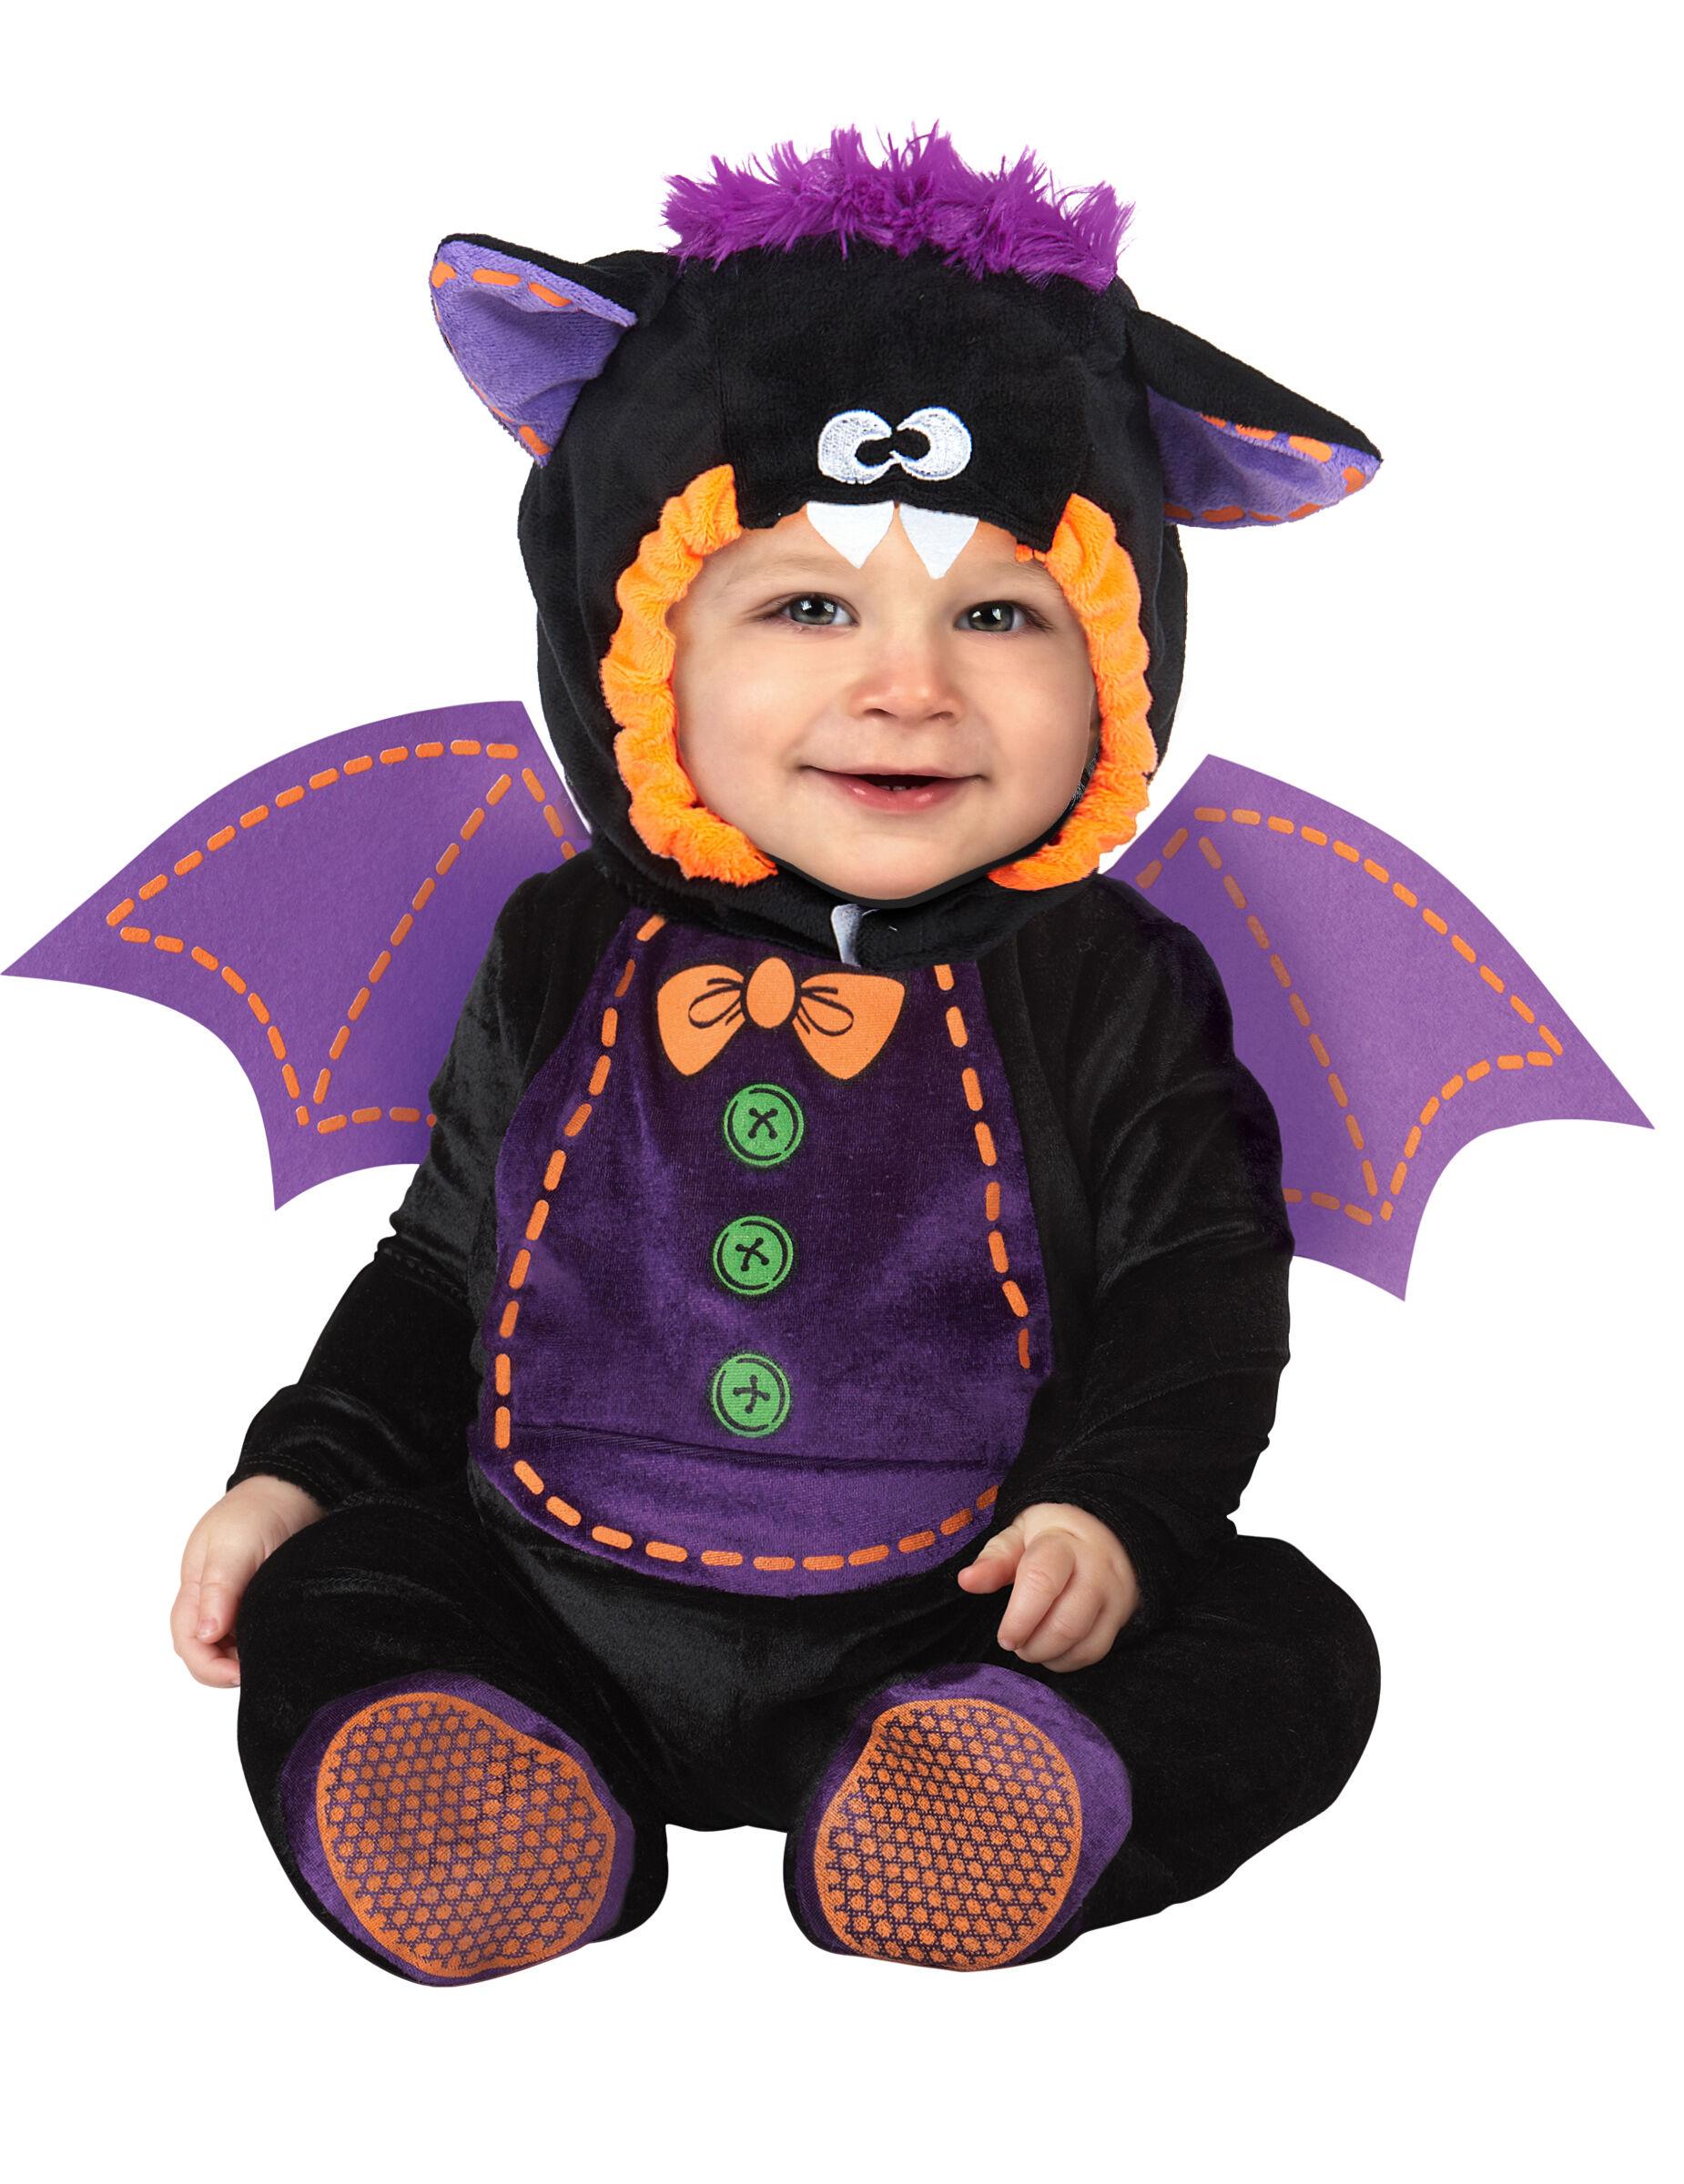 Deguisetoi Déguisement Chauve-souris pour bébé - Classique - Taille: 12-18 mois (74-81 cm)